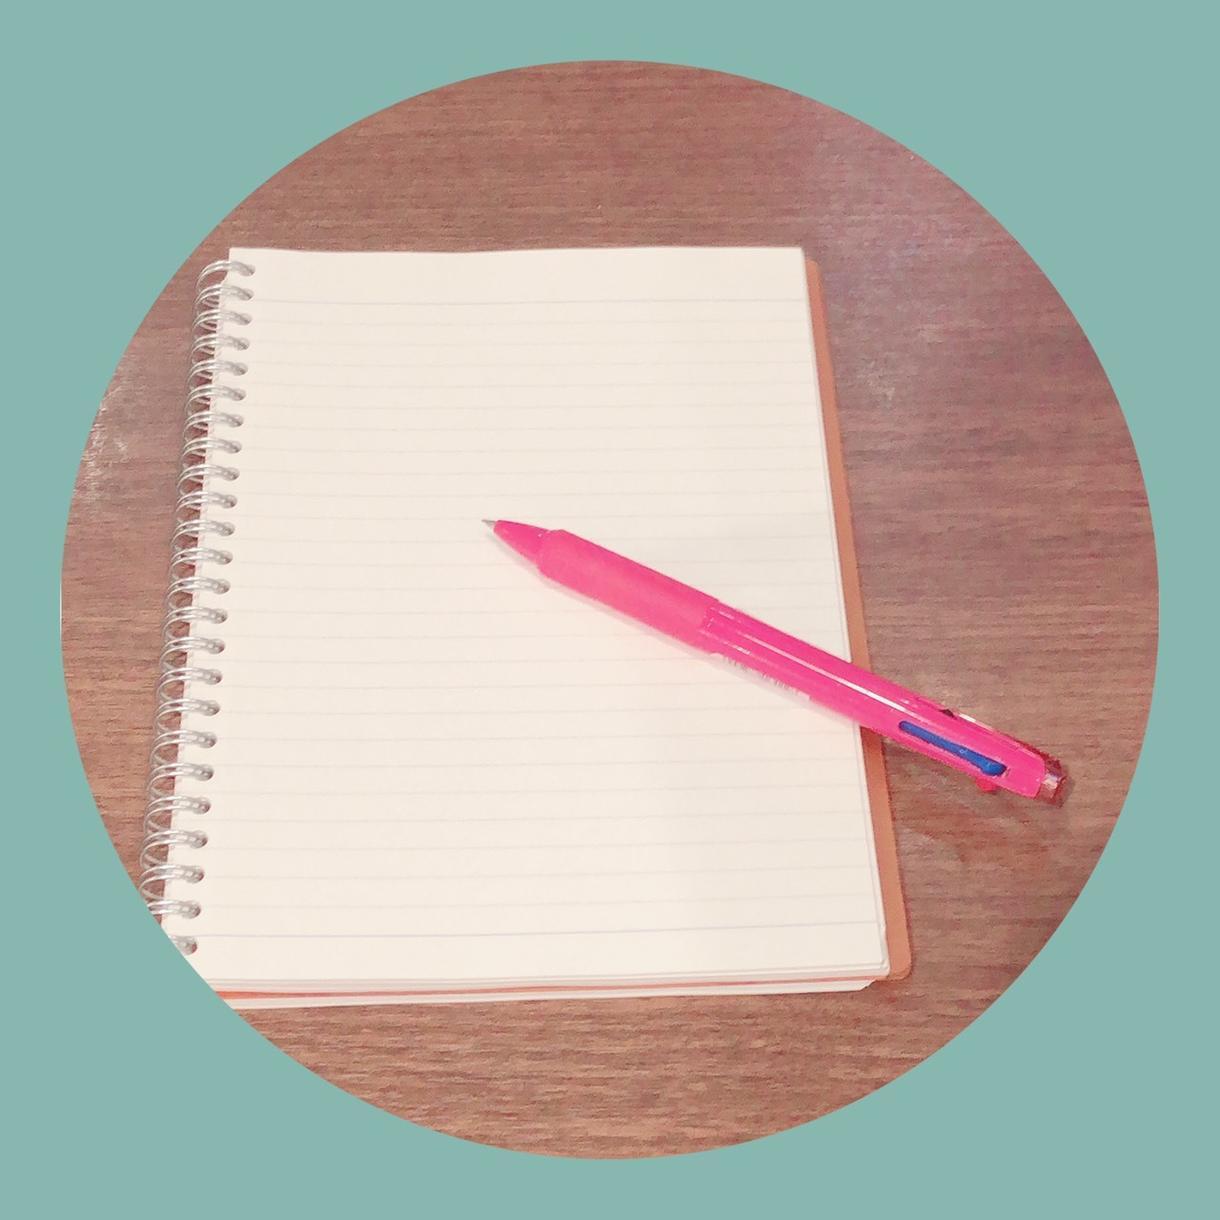 個人・法人、毎月・一年分の記帳の代行を致します 記帳代行を通して、本業でお忙しいお客様のサポートを致します! イメージ1